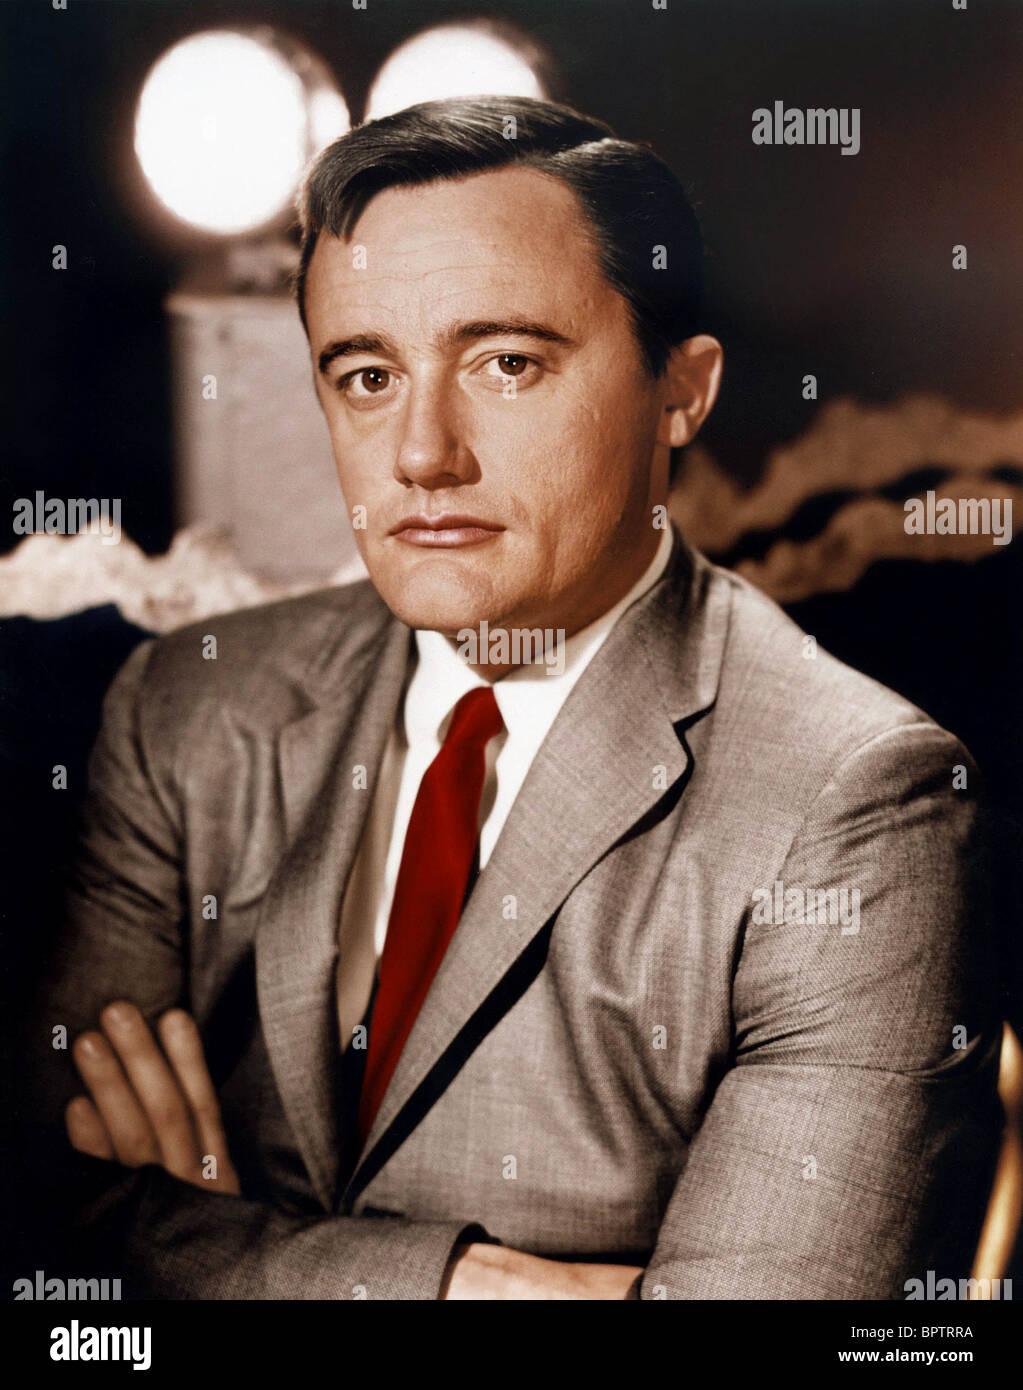 ROBERT VAUGHN ACTOR (1965) - Stock Image